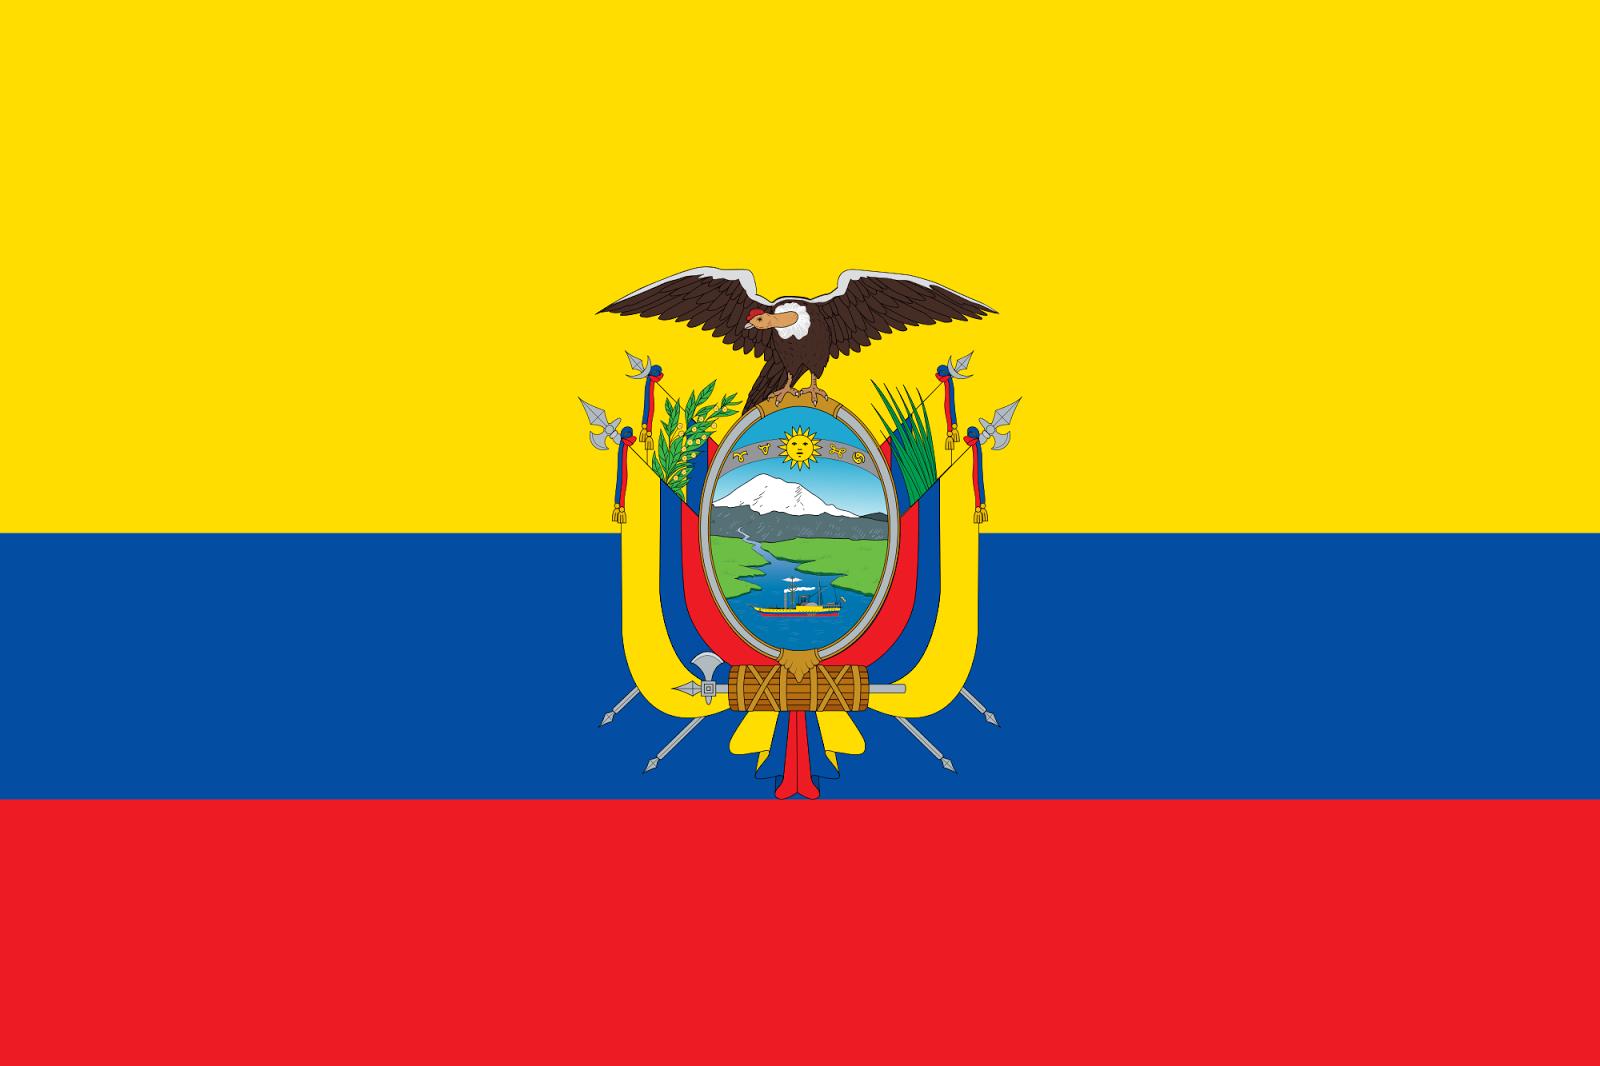 ¡Viva Ecuador!